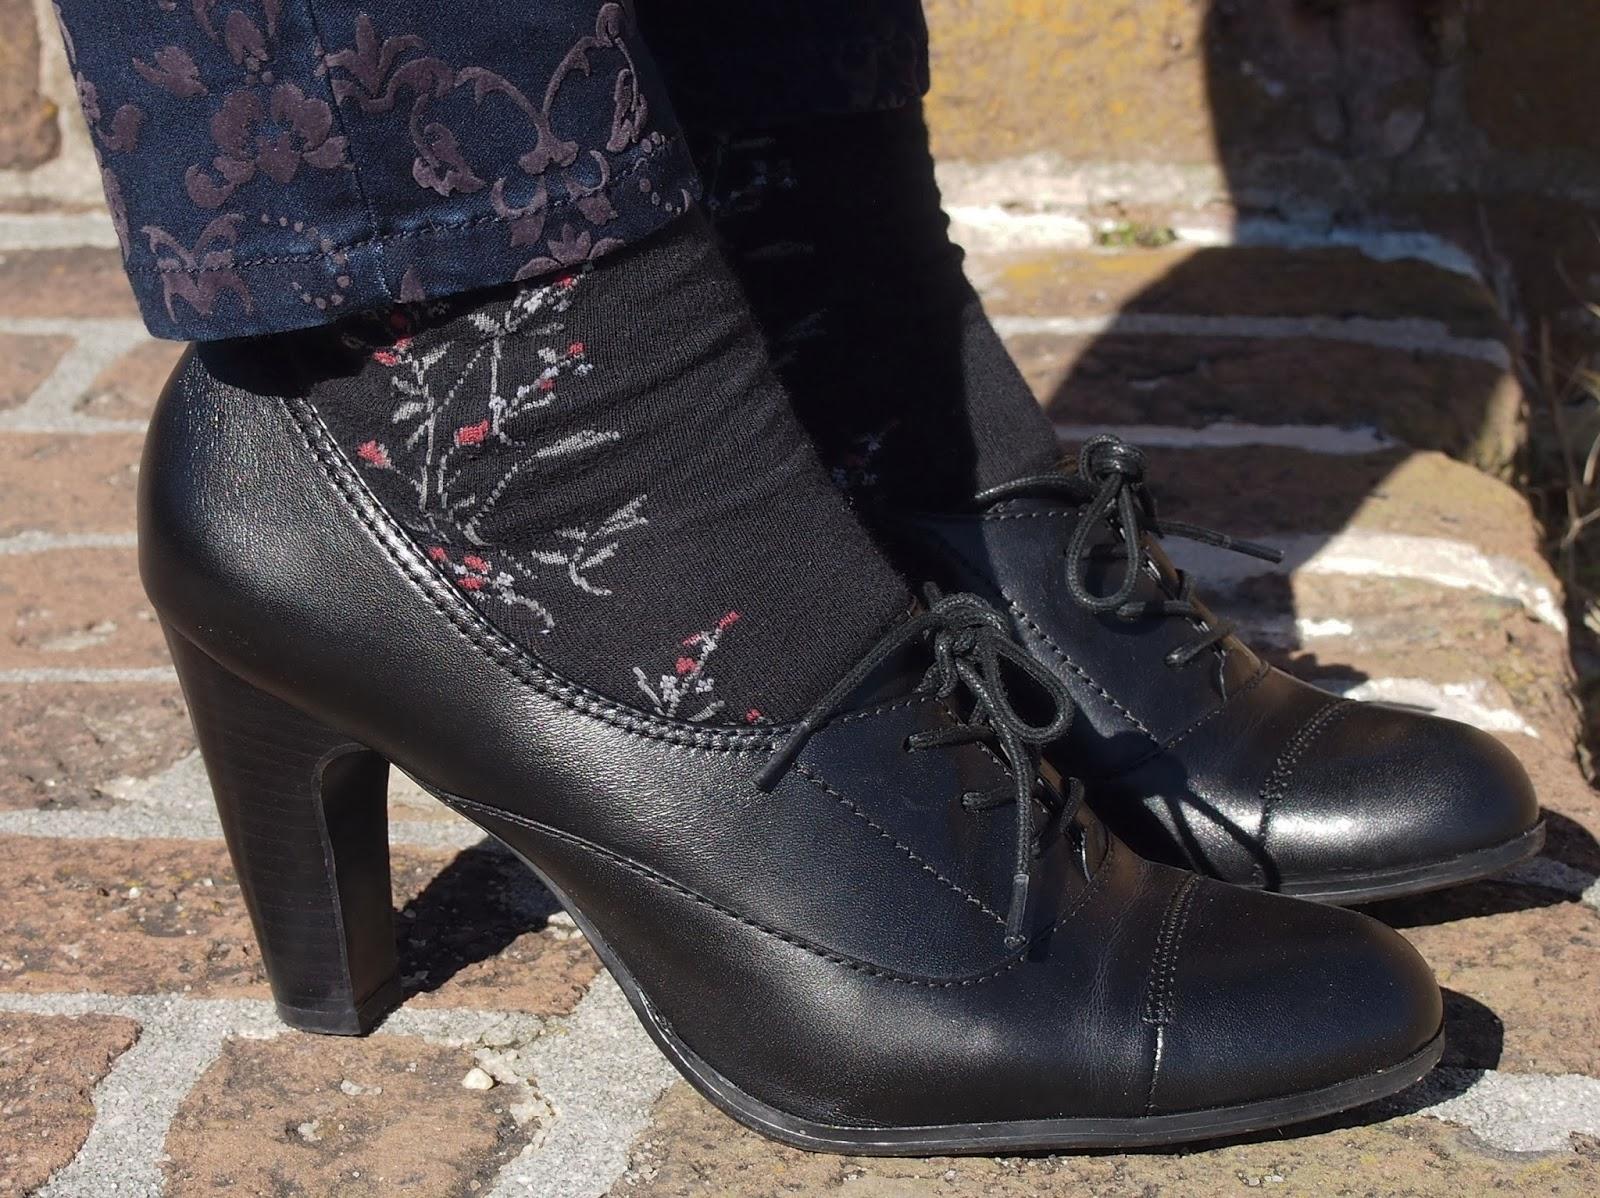 Adora le mie scarpe schiavo 7